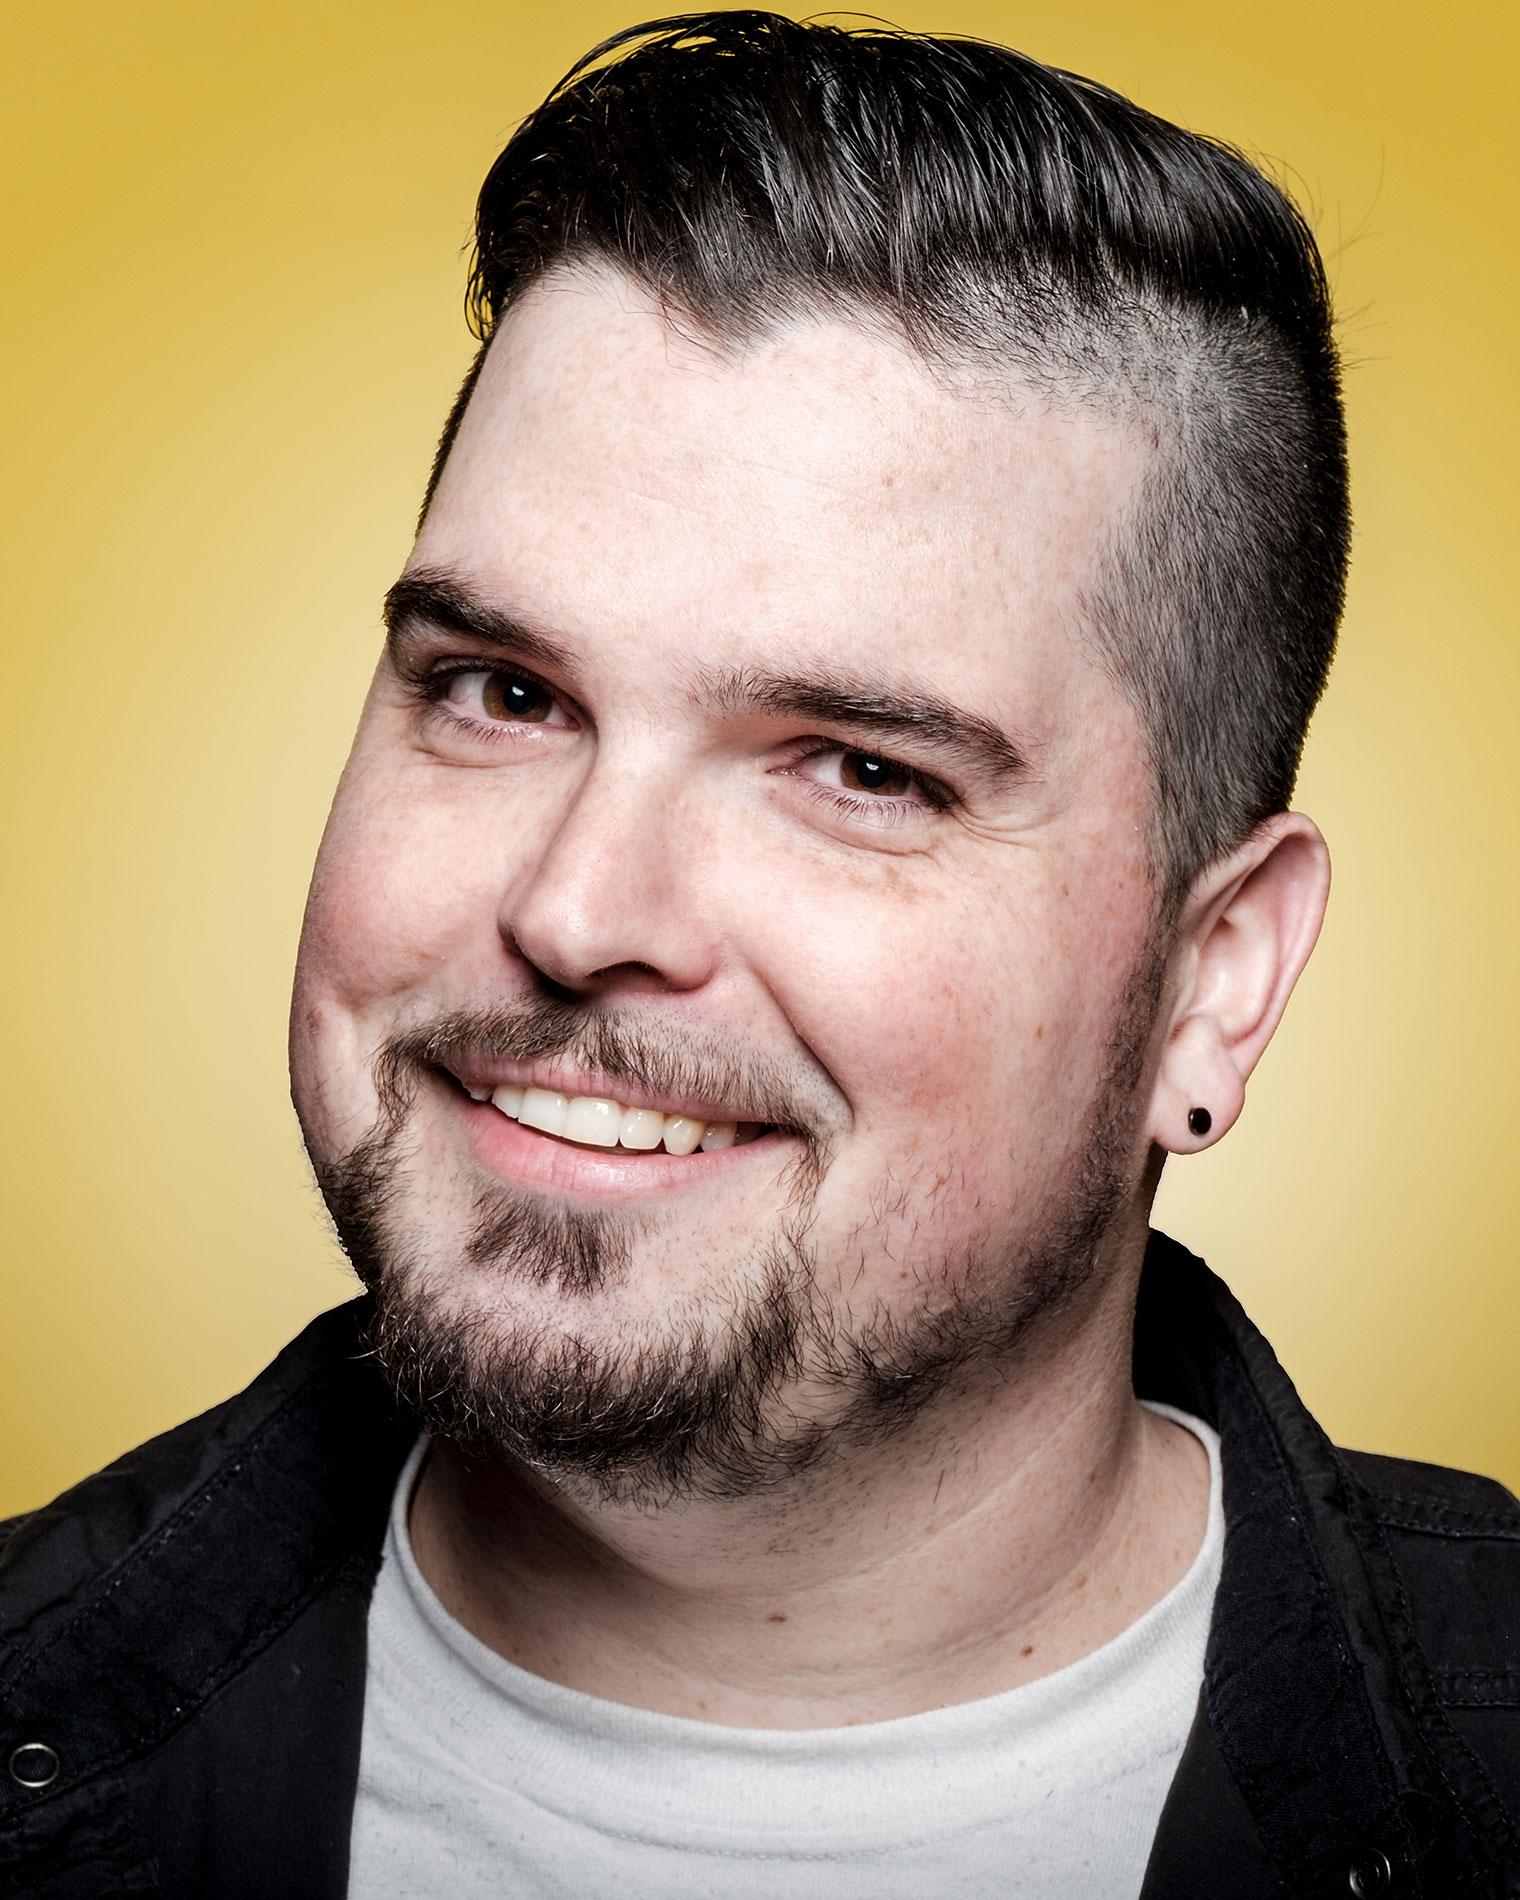 Mike Rita